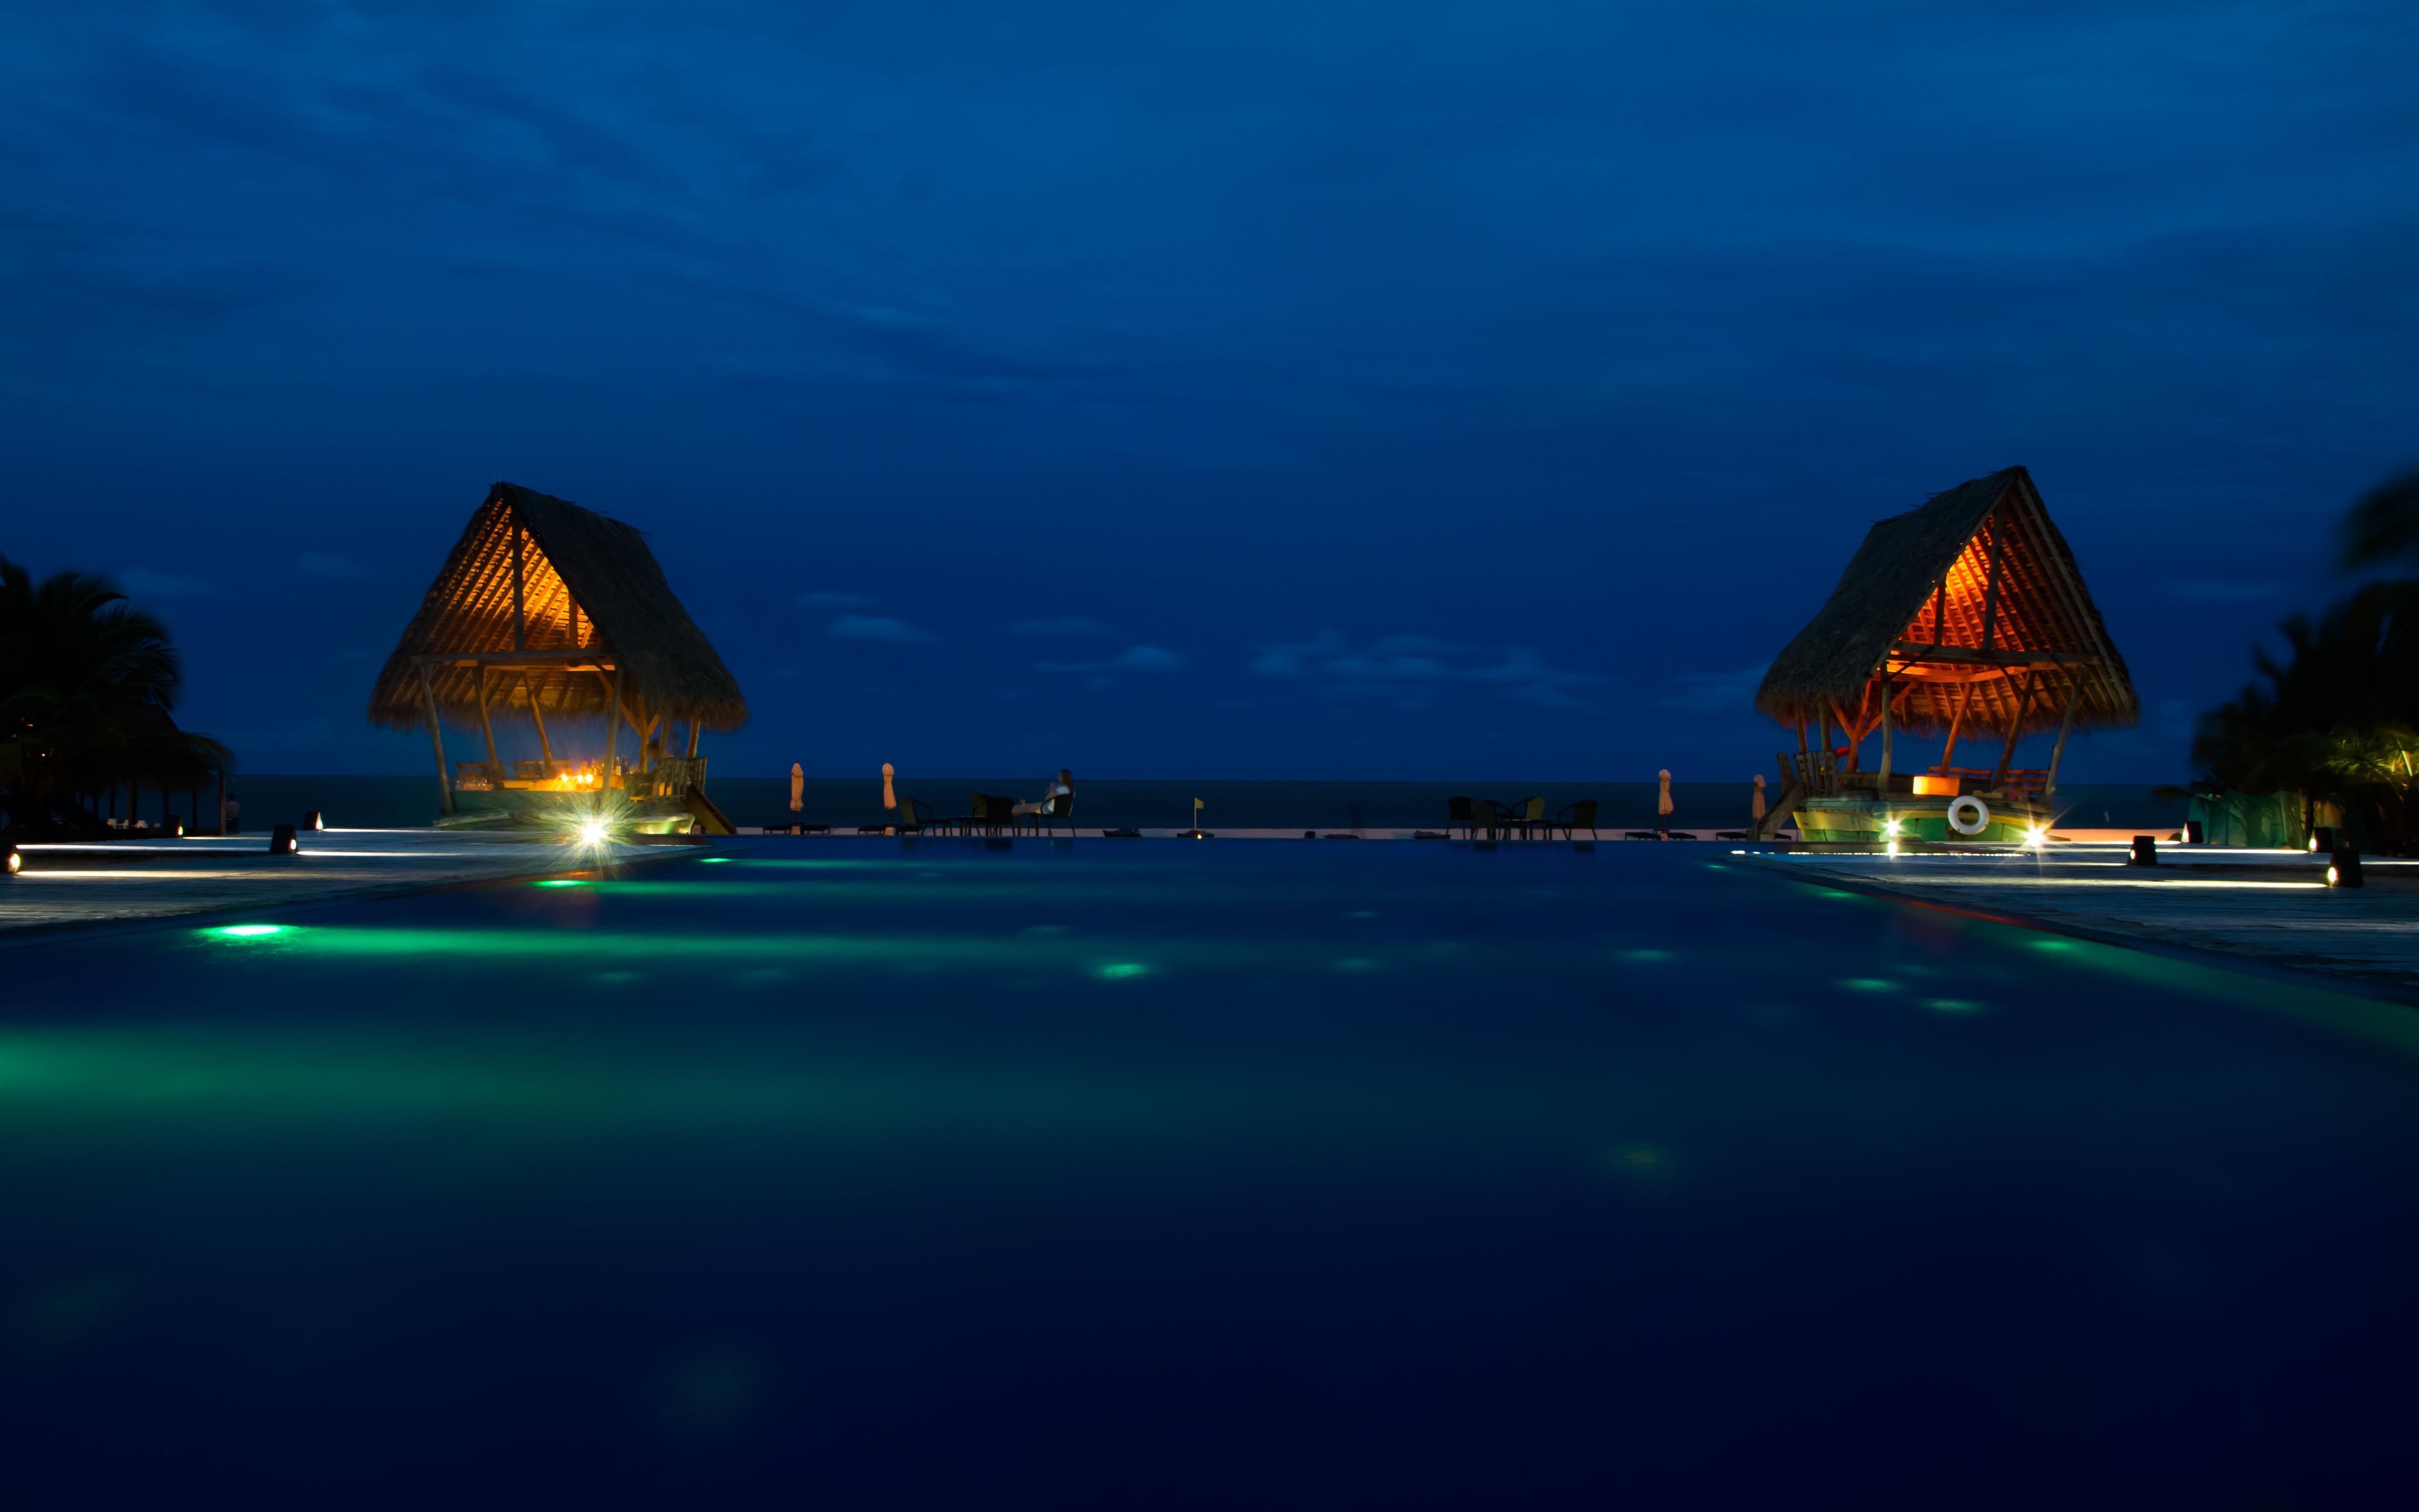 Maalu Maalu Resort Spa